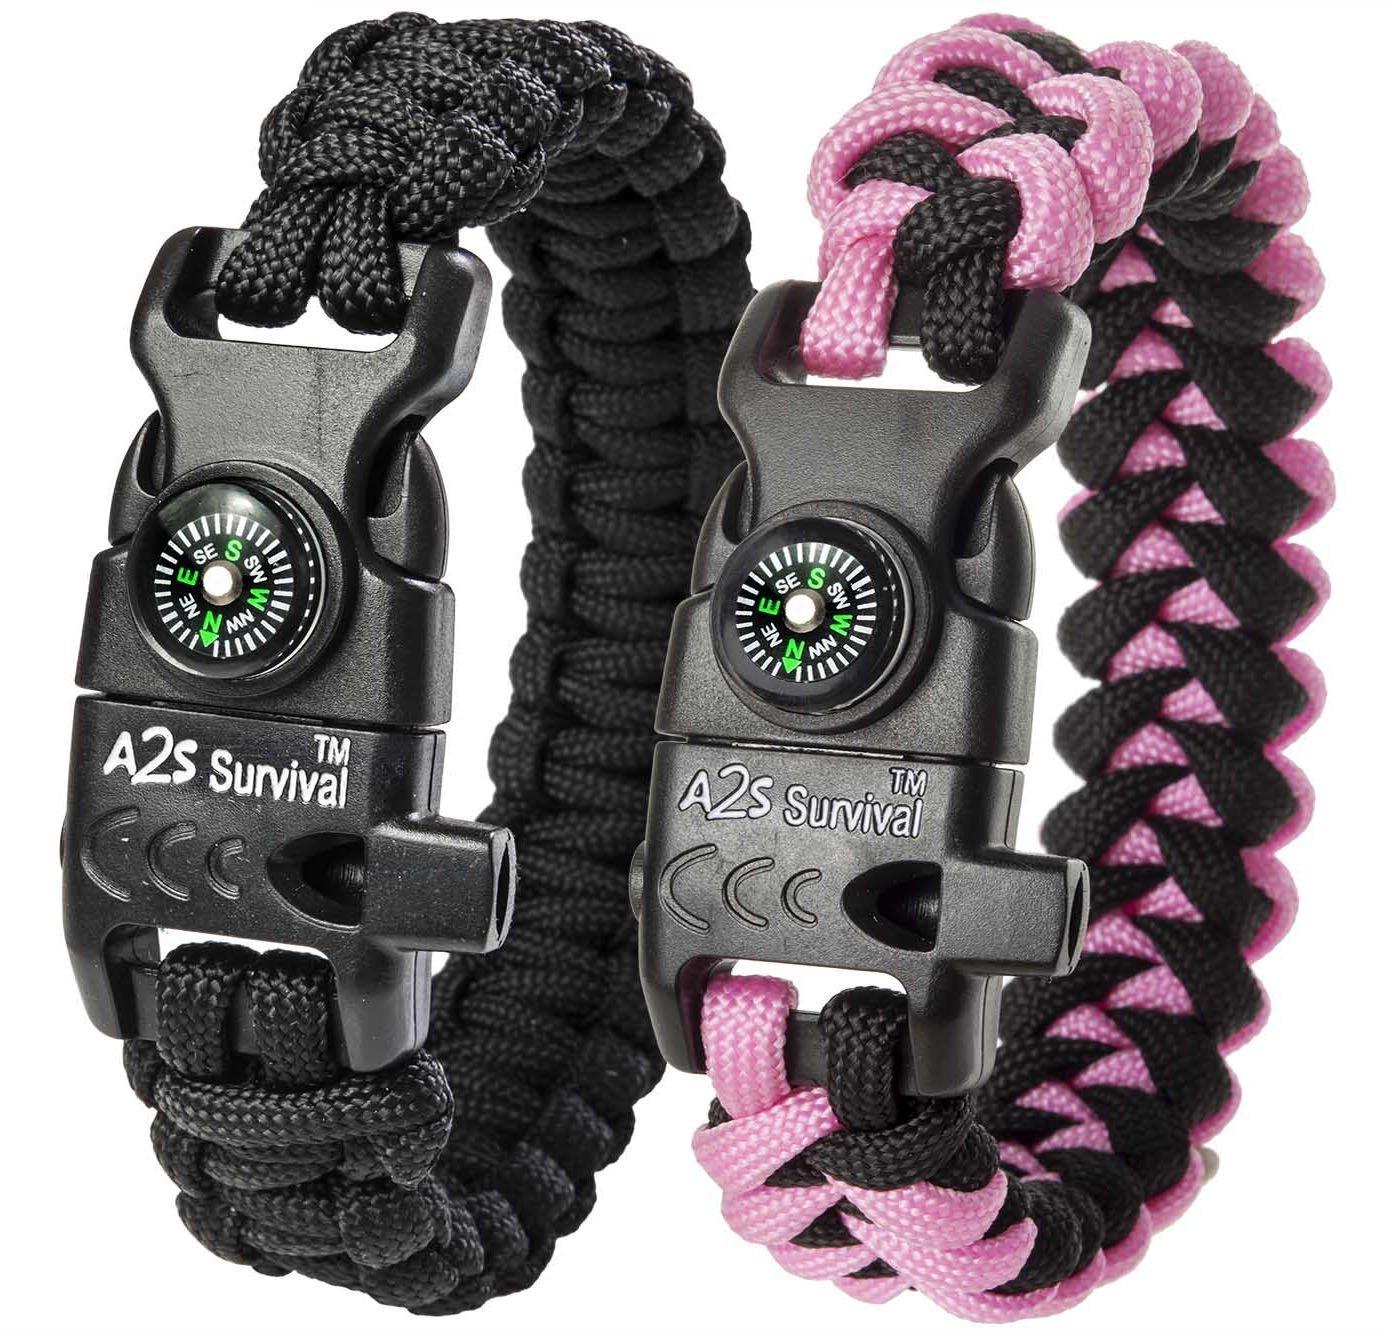 Survival Wrist Bracelet